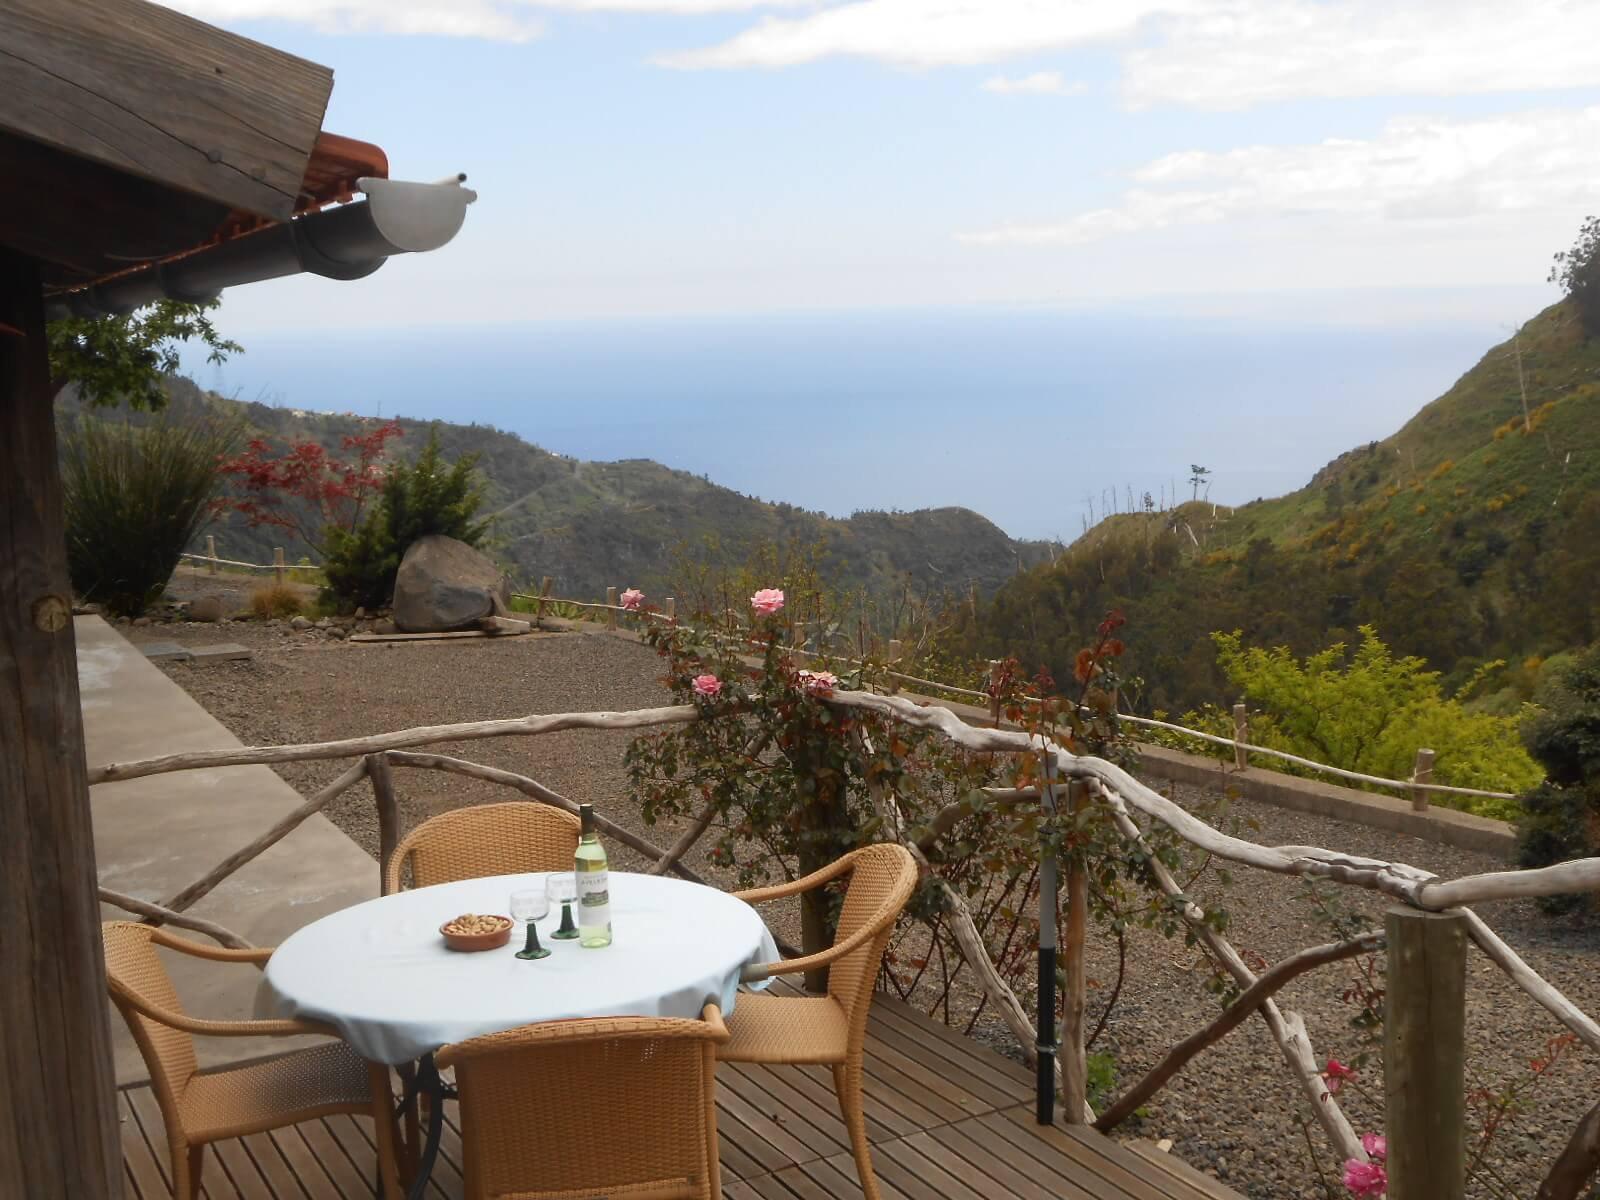 Unique à Madère, Maison et Maison d'Hôtes en Pierres Naturelles sur 2 Hectares de Terrain. Vue Panoramique sur L'Océan et les Montagnes. Ribeira Brava